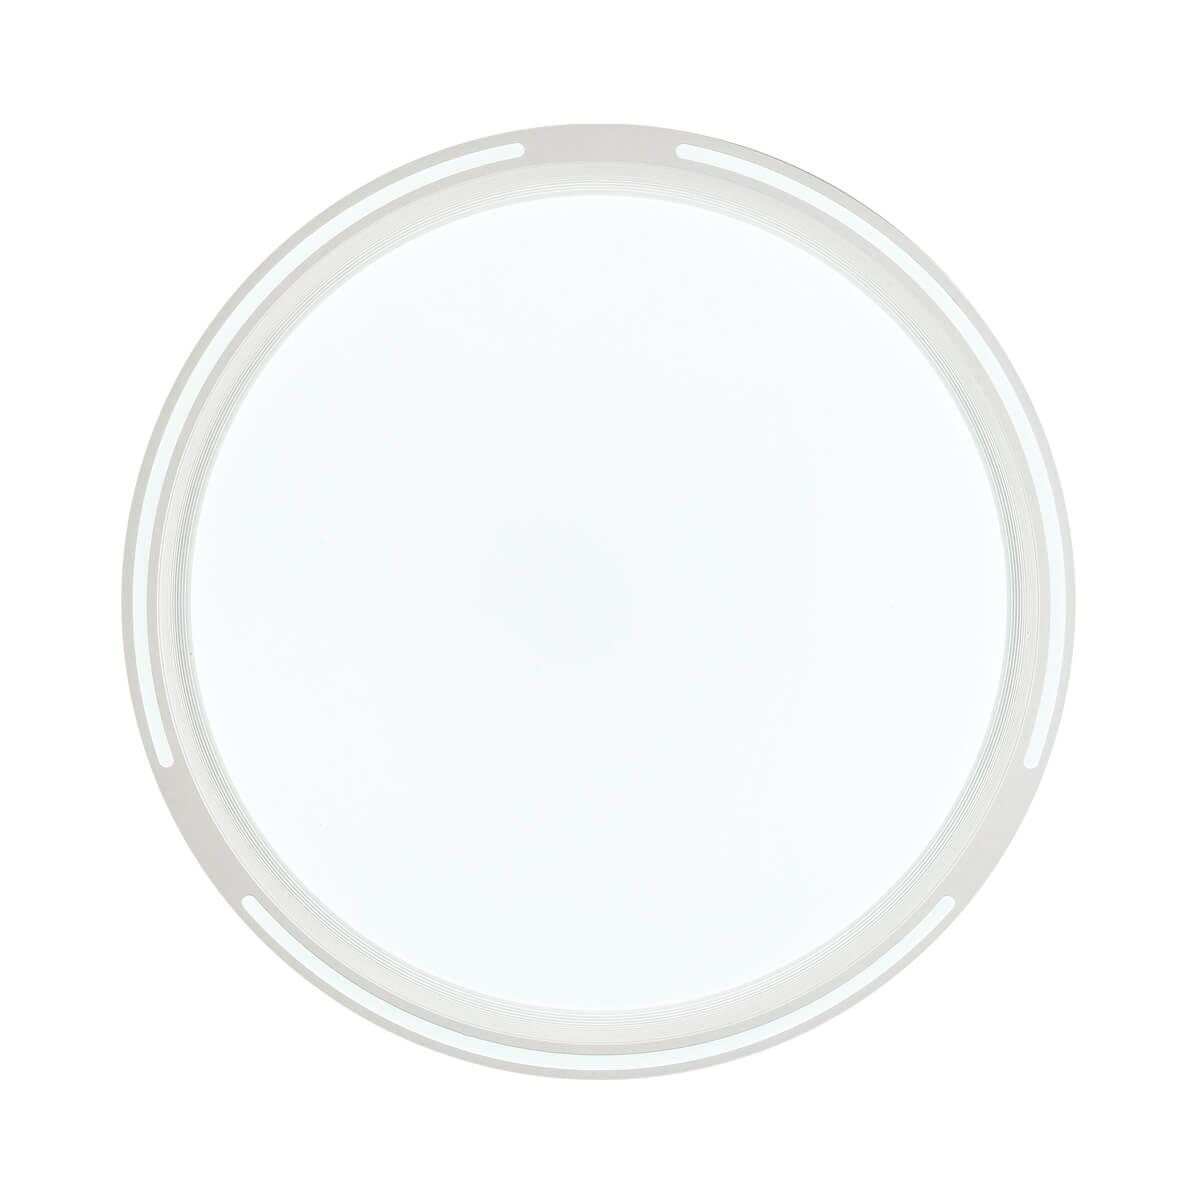 Светильник Sonex 3028/DL светильник italline dl 2633 black